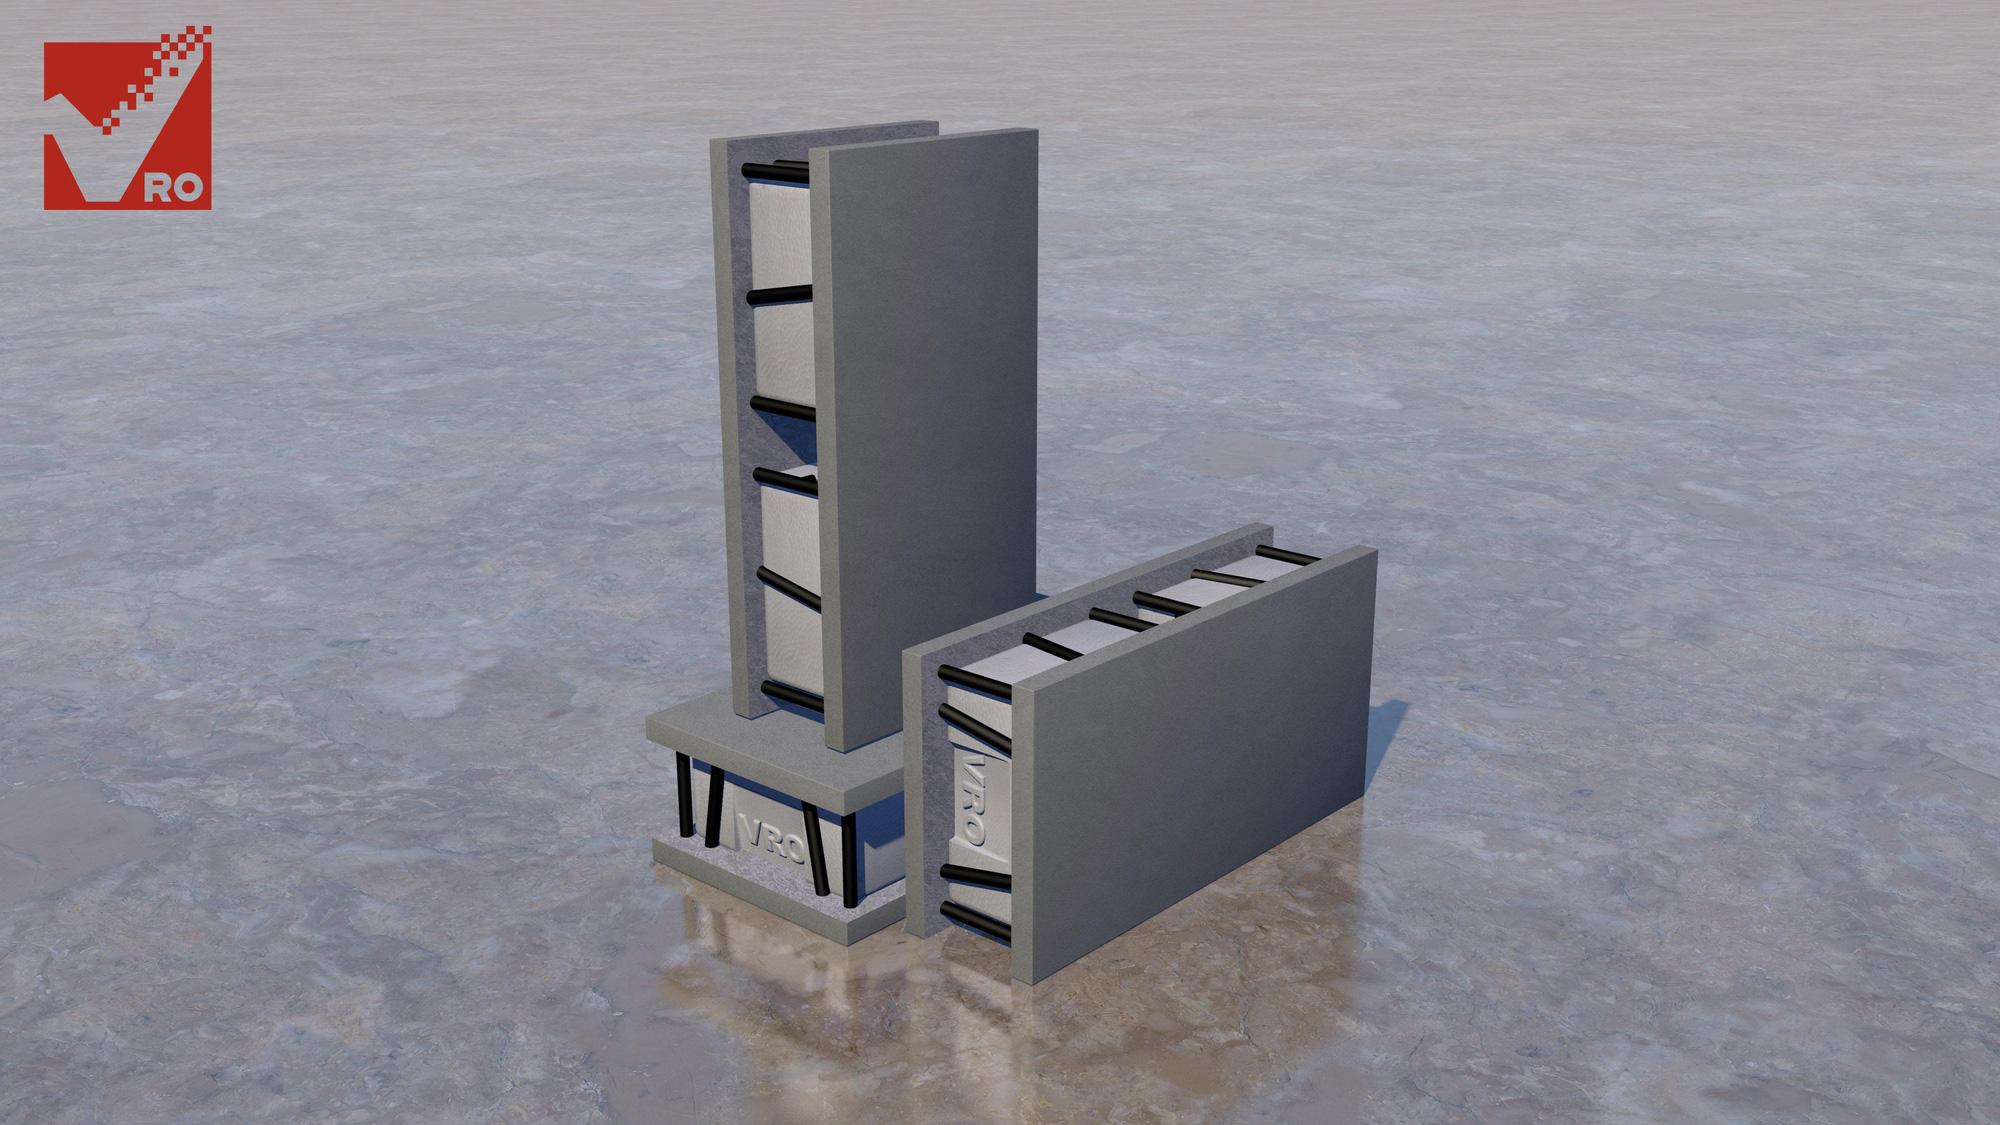 VRO và giải pháp nâng cấp công nghệ gạch không nung như thế nào? - Ảnh 1.